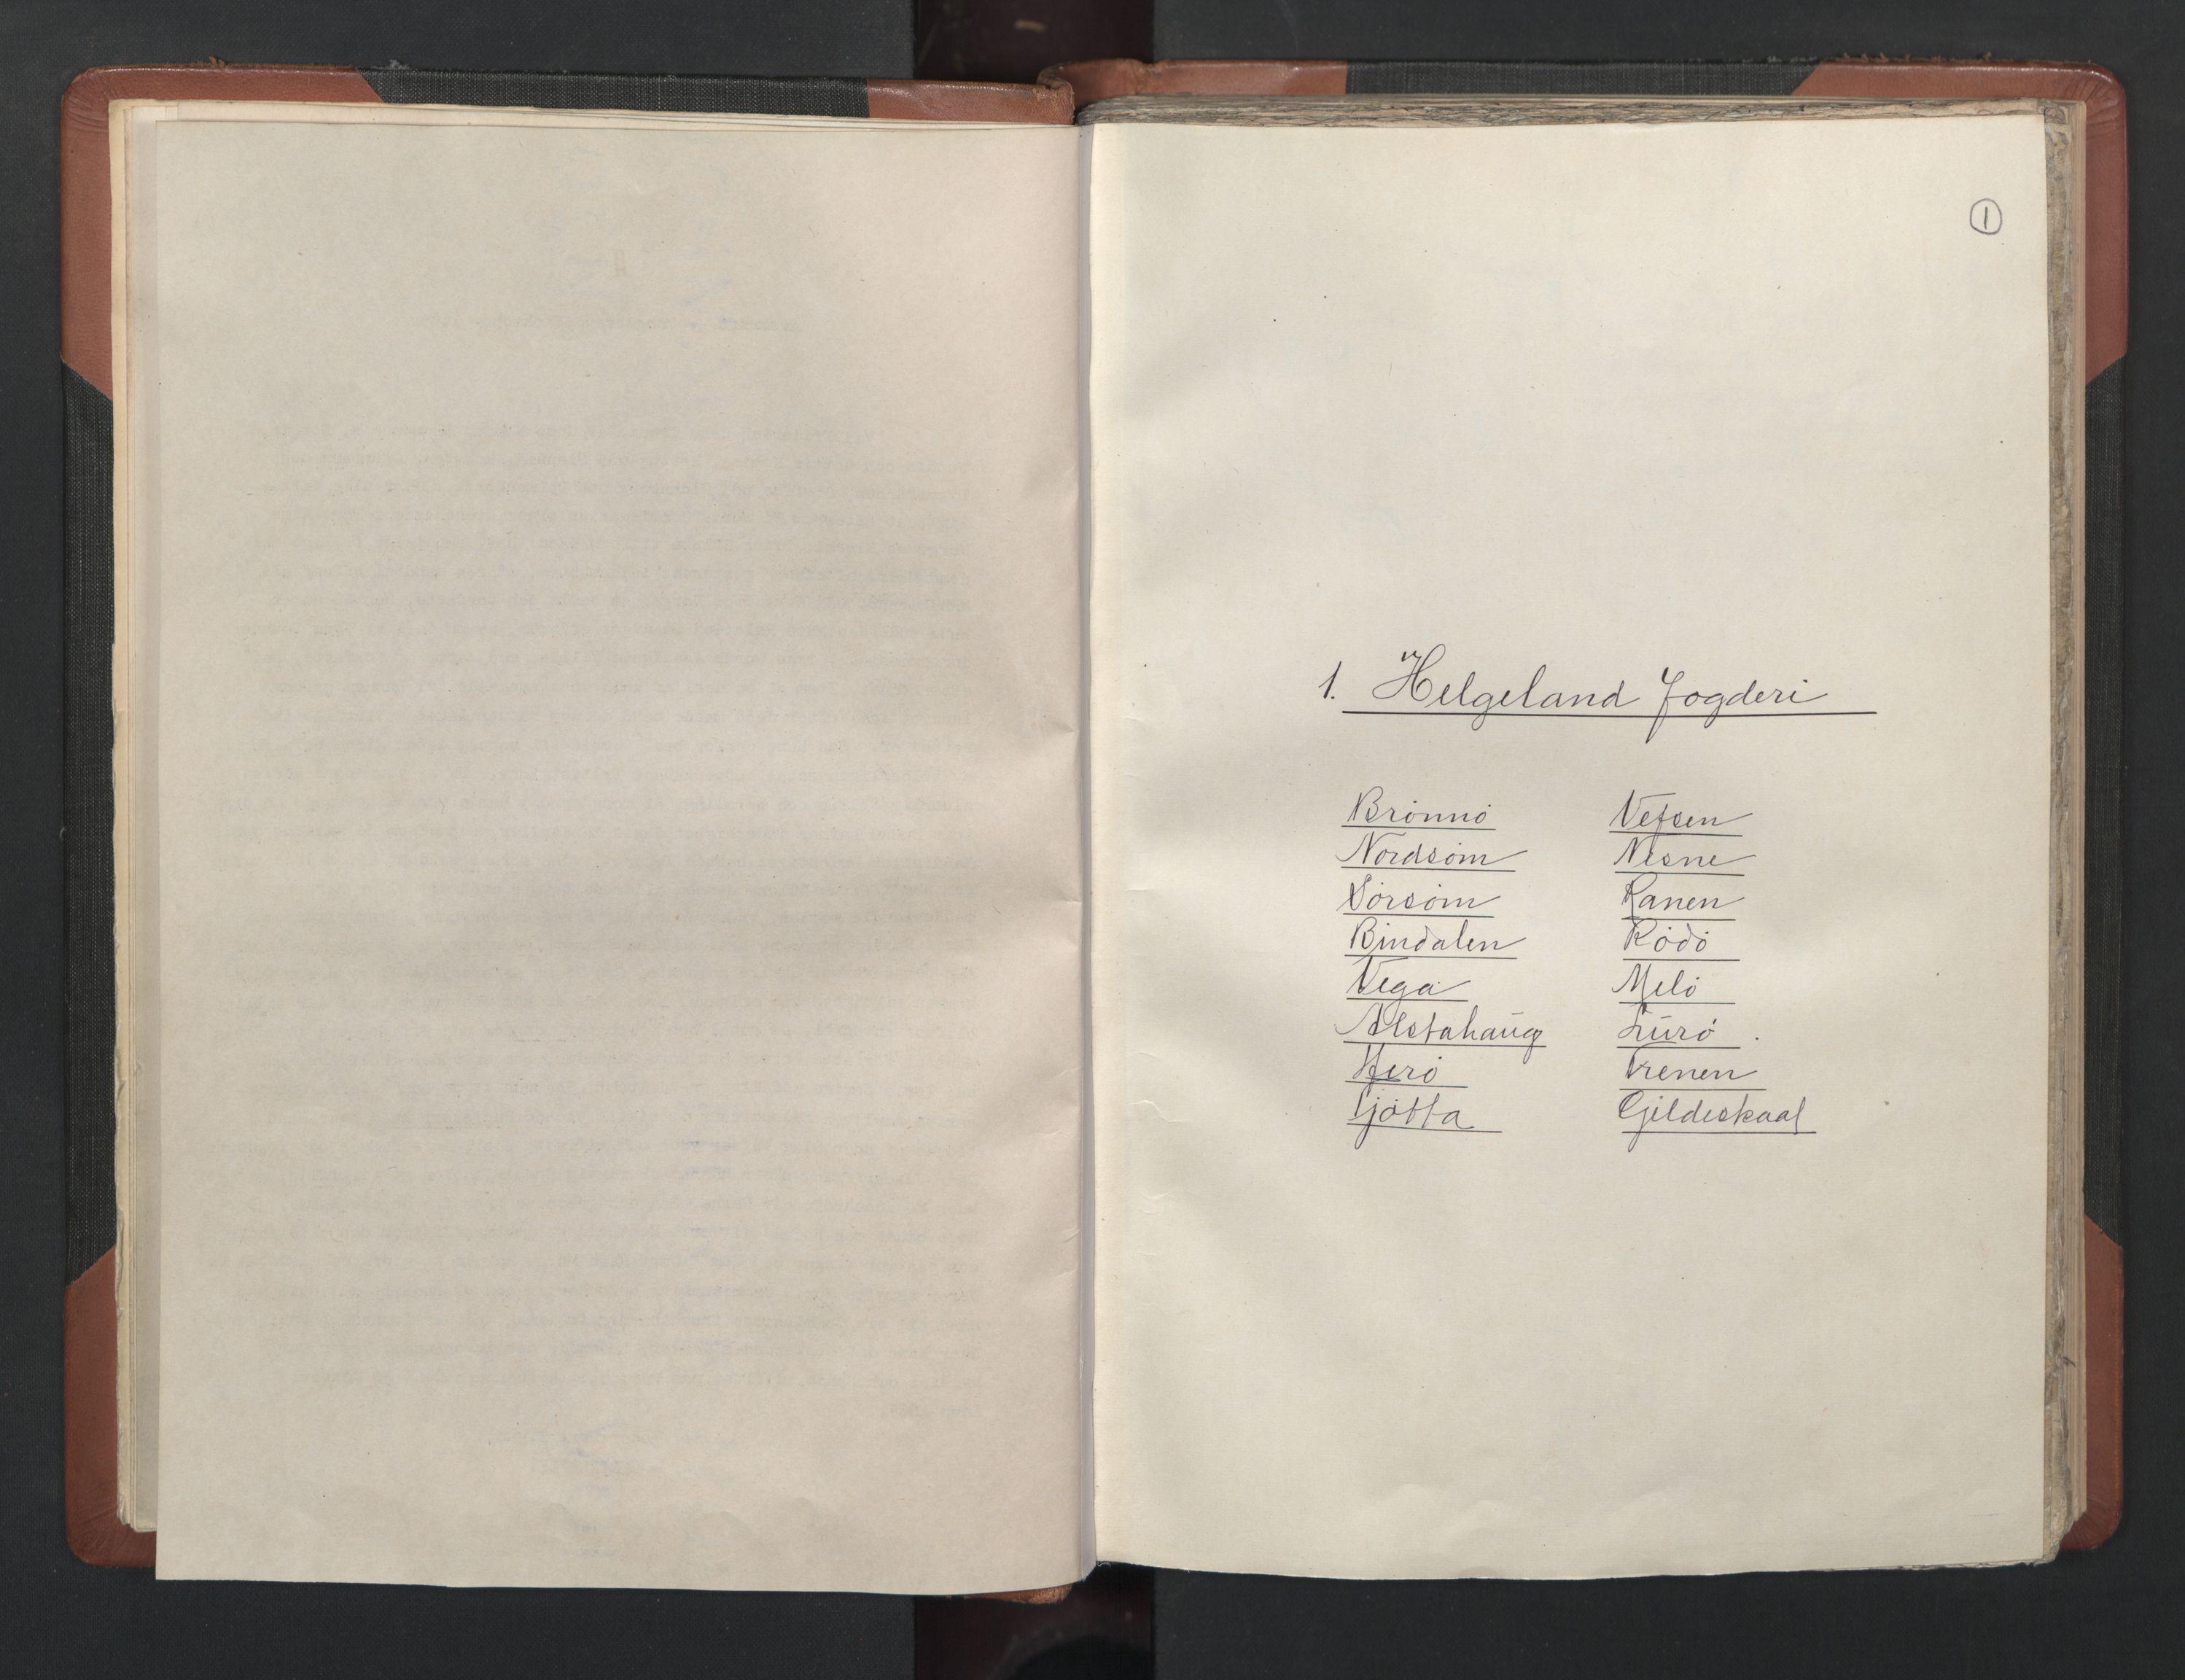 RA, Fogdenes og sorenskrivernes manntall 1664-1666, nr. 20: Fogderier (len og skipreider) i nåværende Nordland fylke, Troms fylke og Finnmark fylke, 1665, s. 1